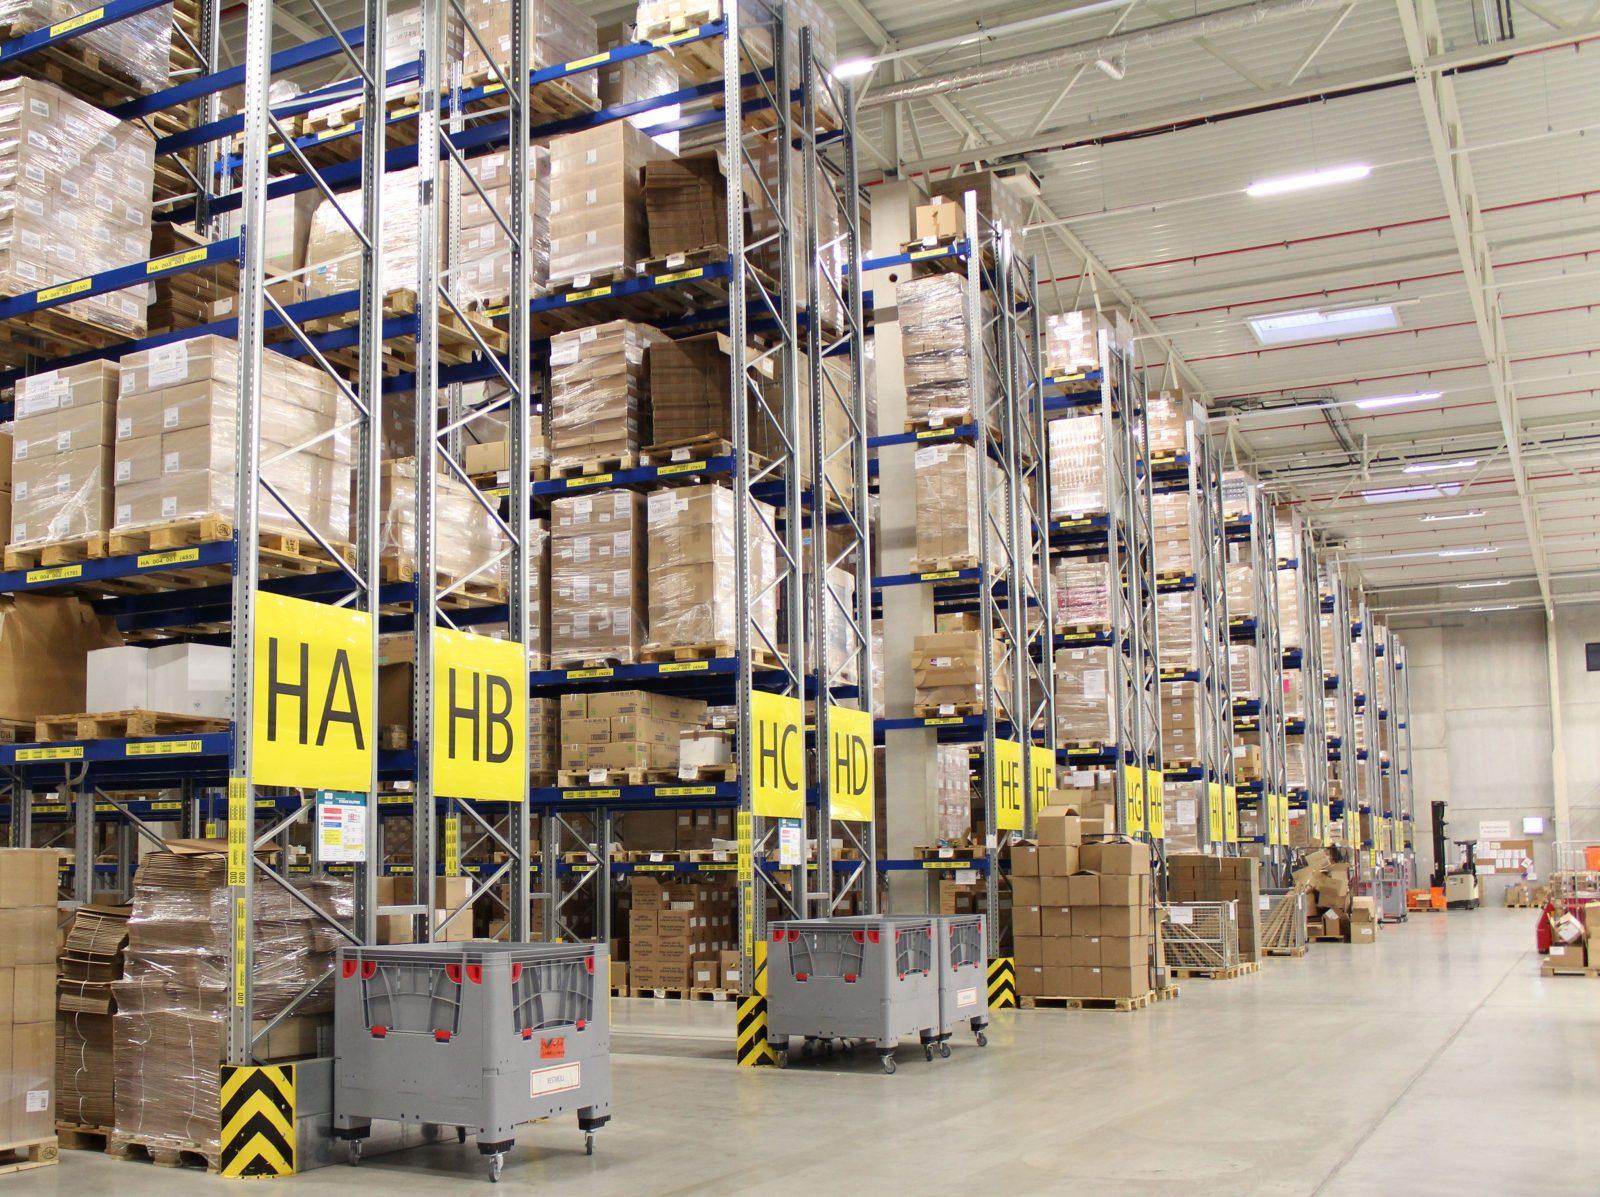 Logistikstandort Alzenau, Innenansicht 1